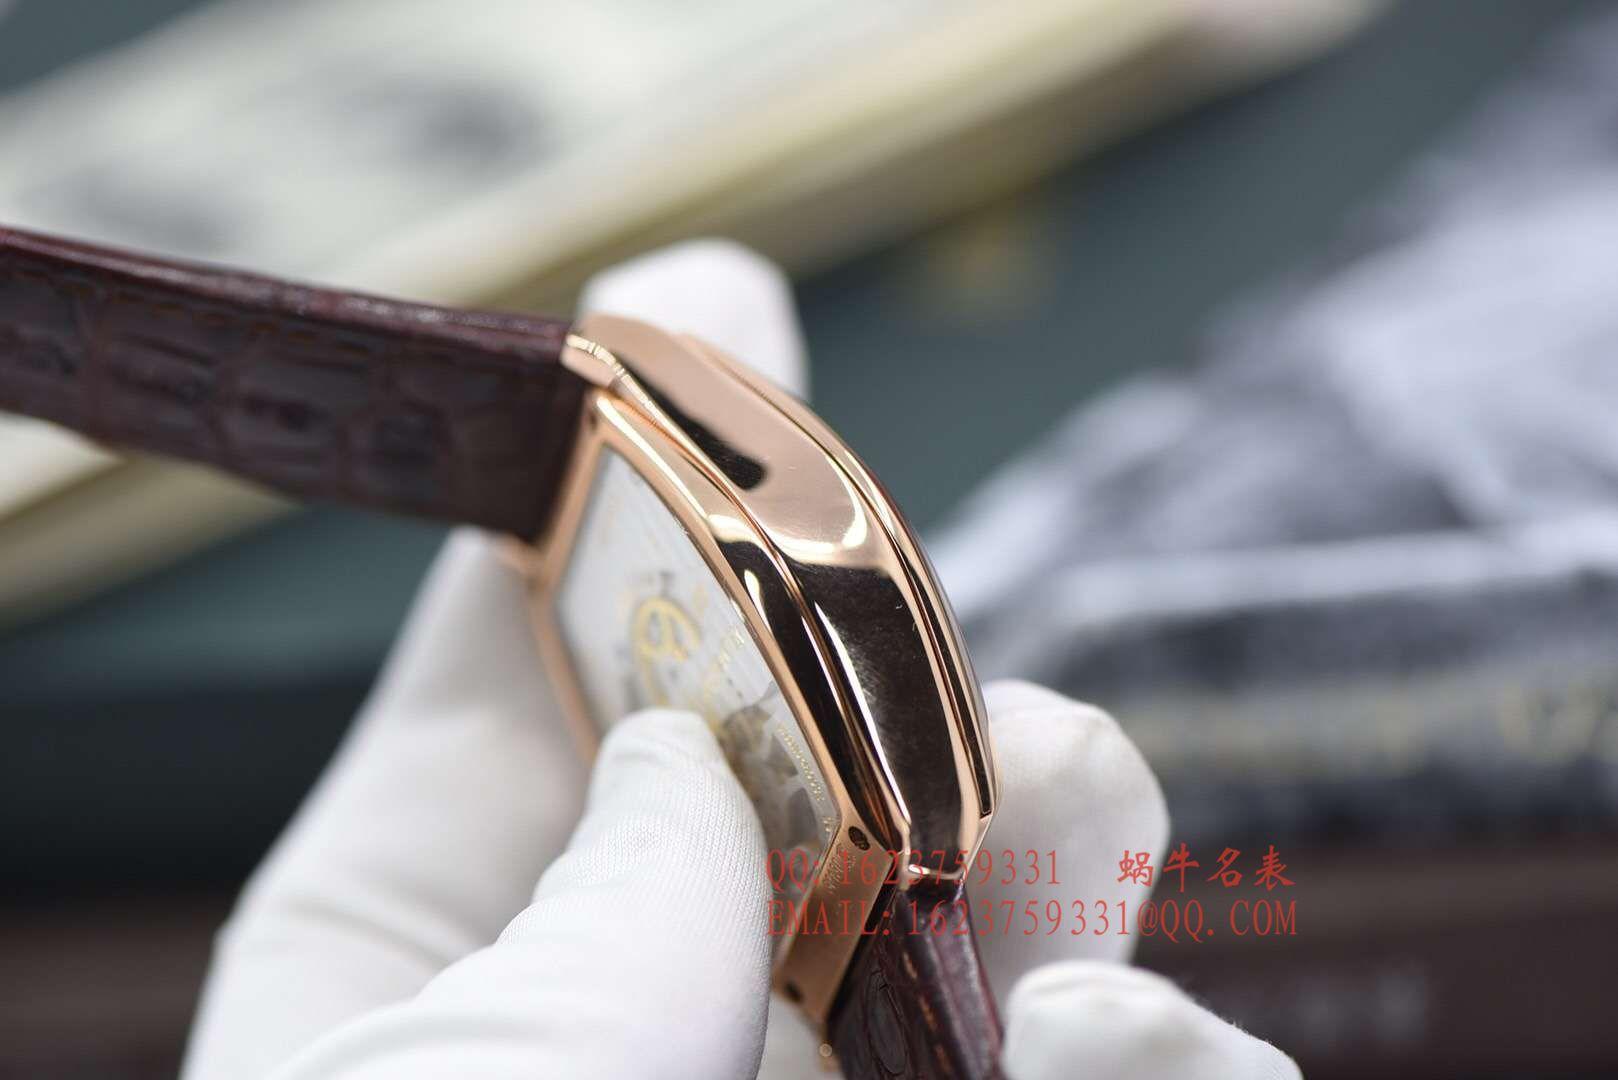 【TF一比一超A精仿手表】江诗丹顿马耳他系列30130/000R-9754手动陀飞轮机械腕表 / JS146